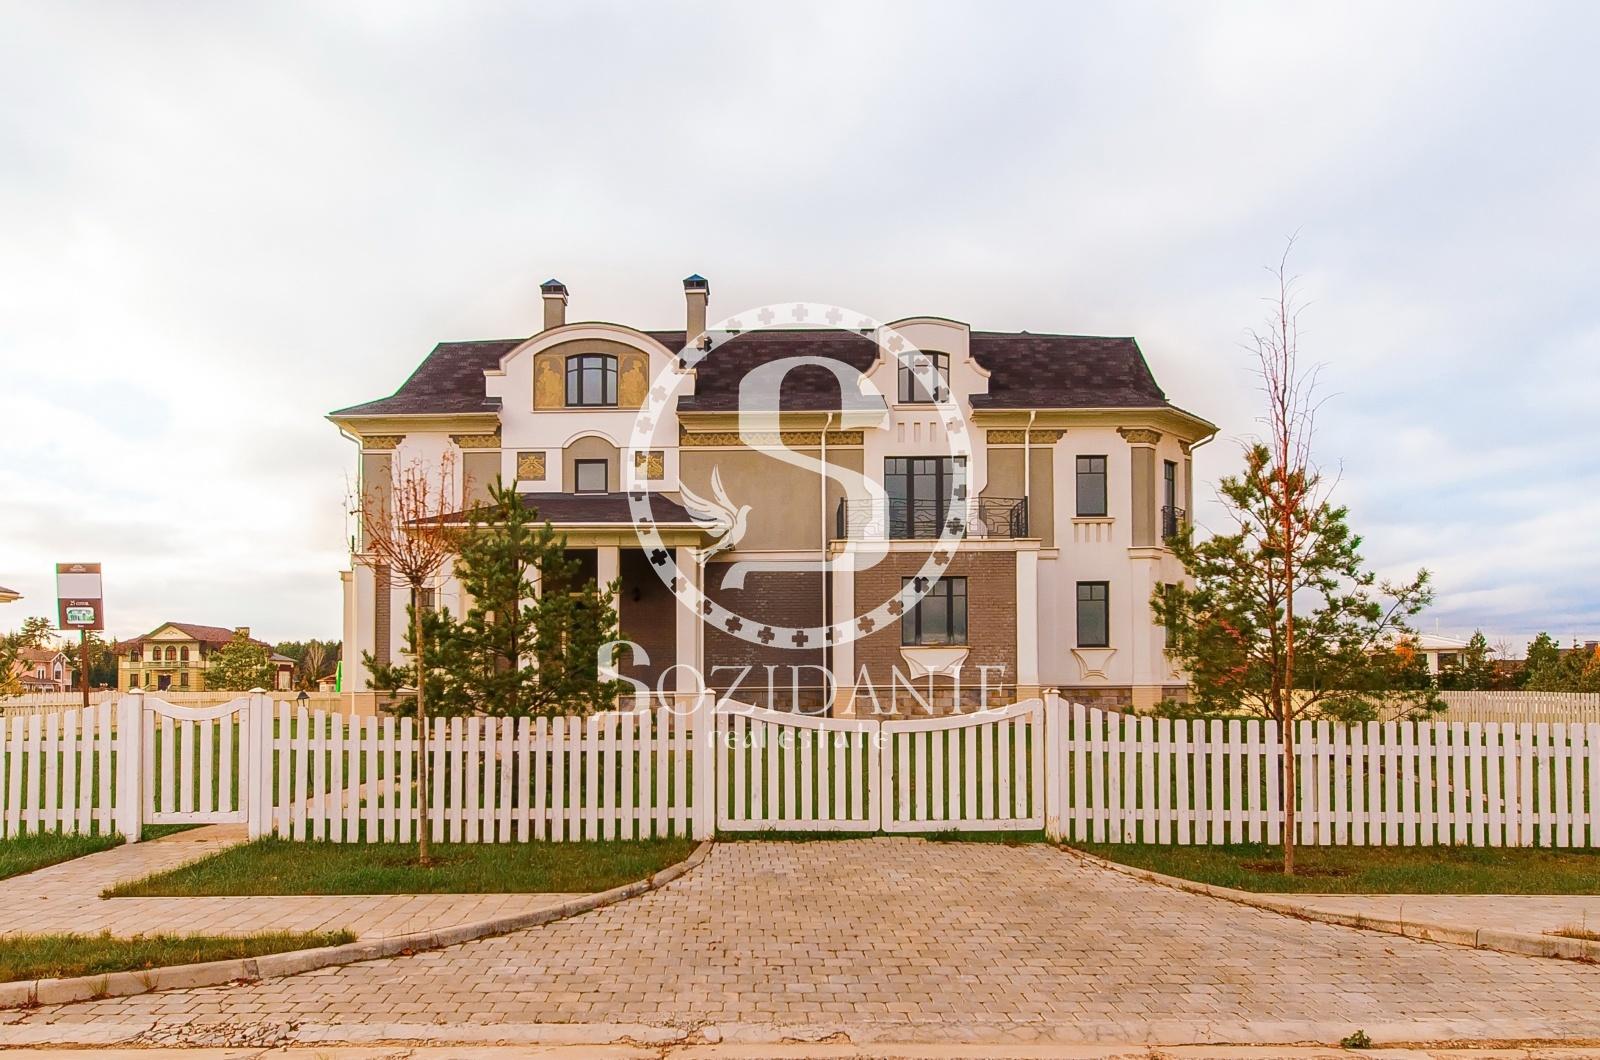 5 Bedrooms, Загородная, Продажа, Listing ID 1369, Московская область, Россия,